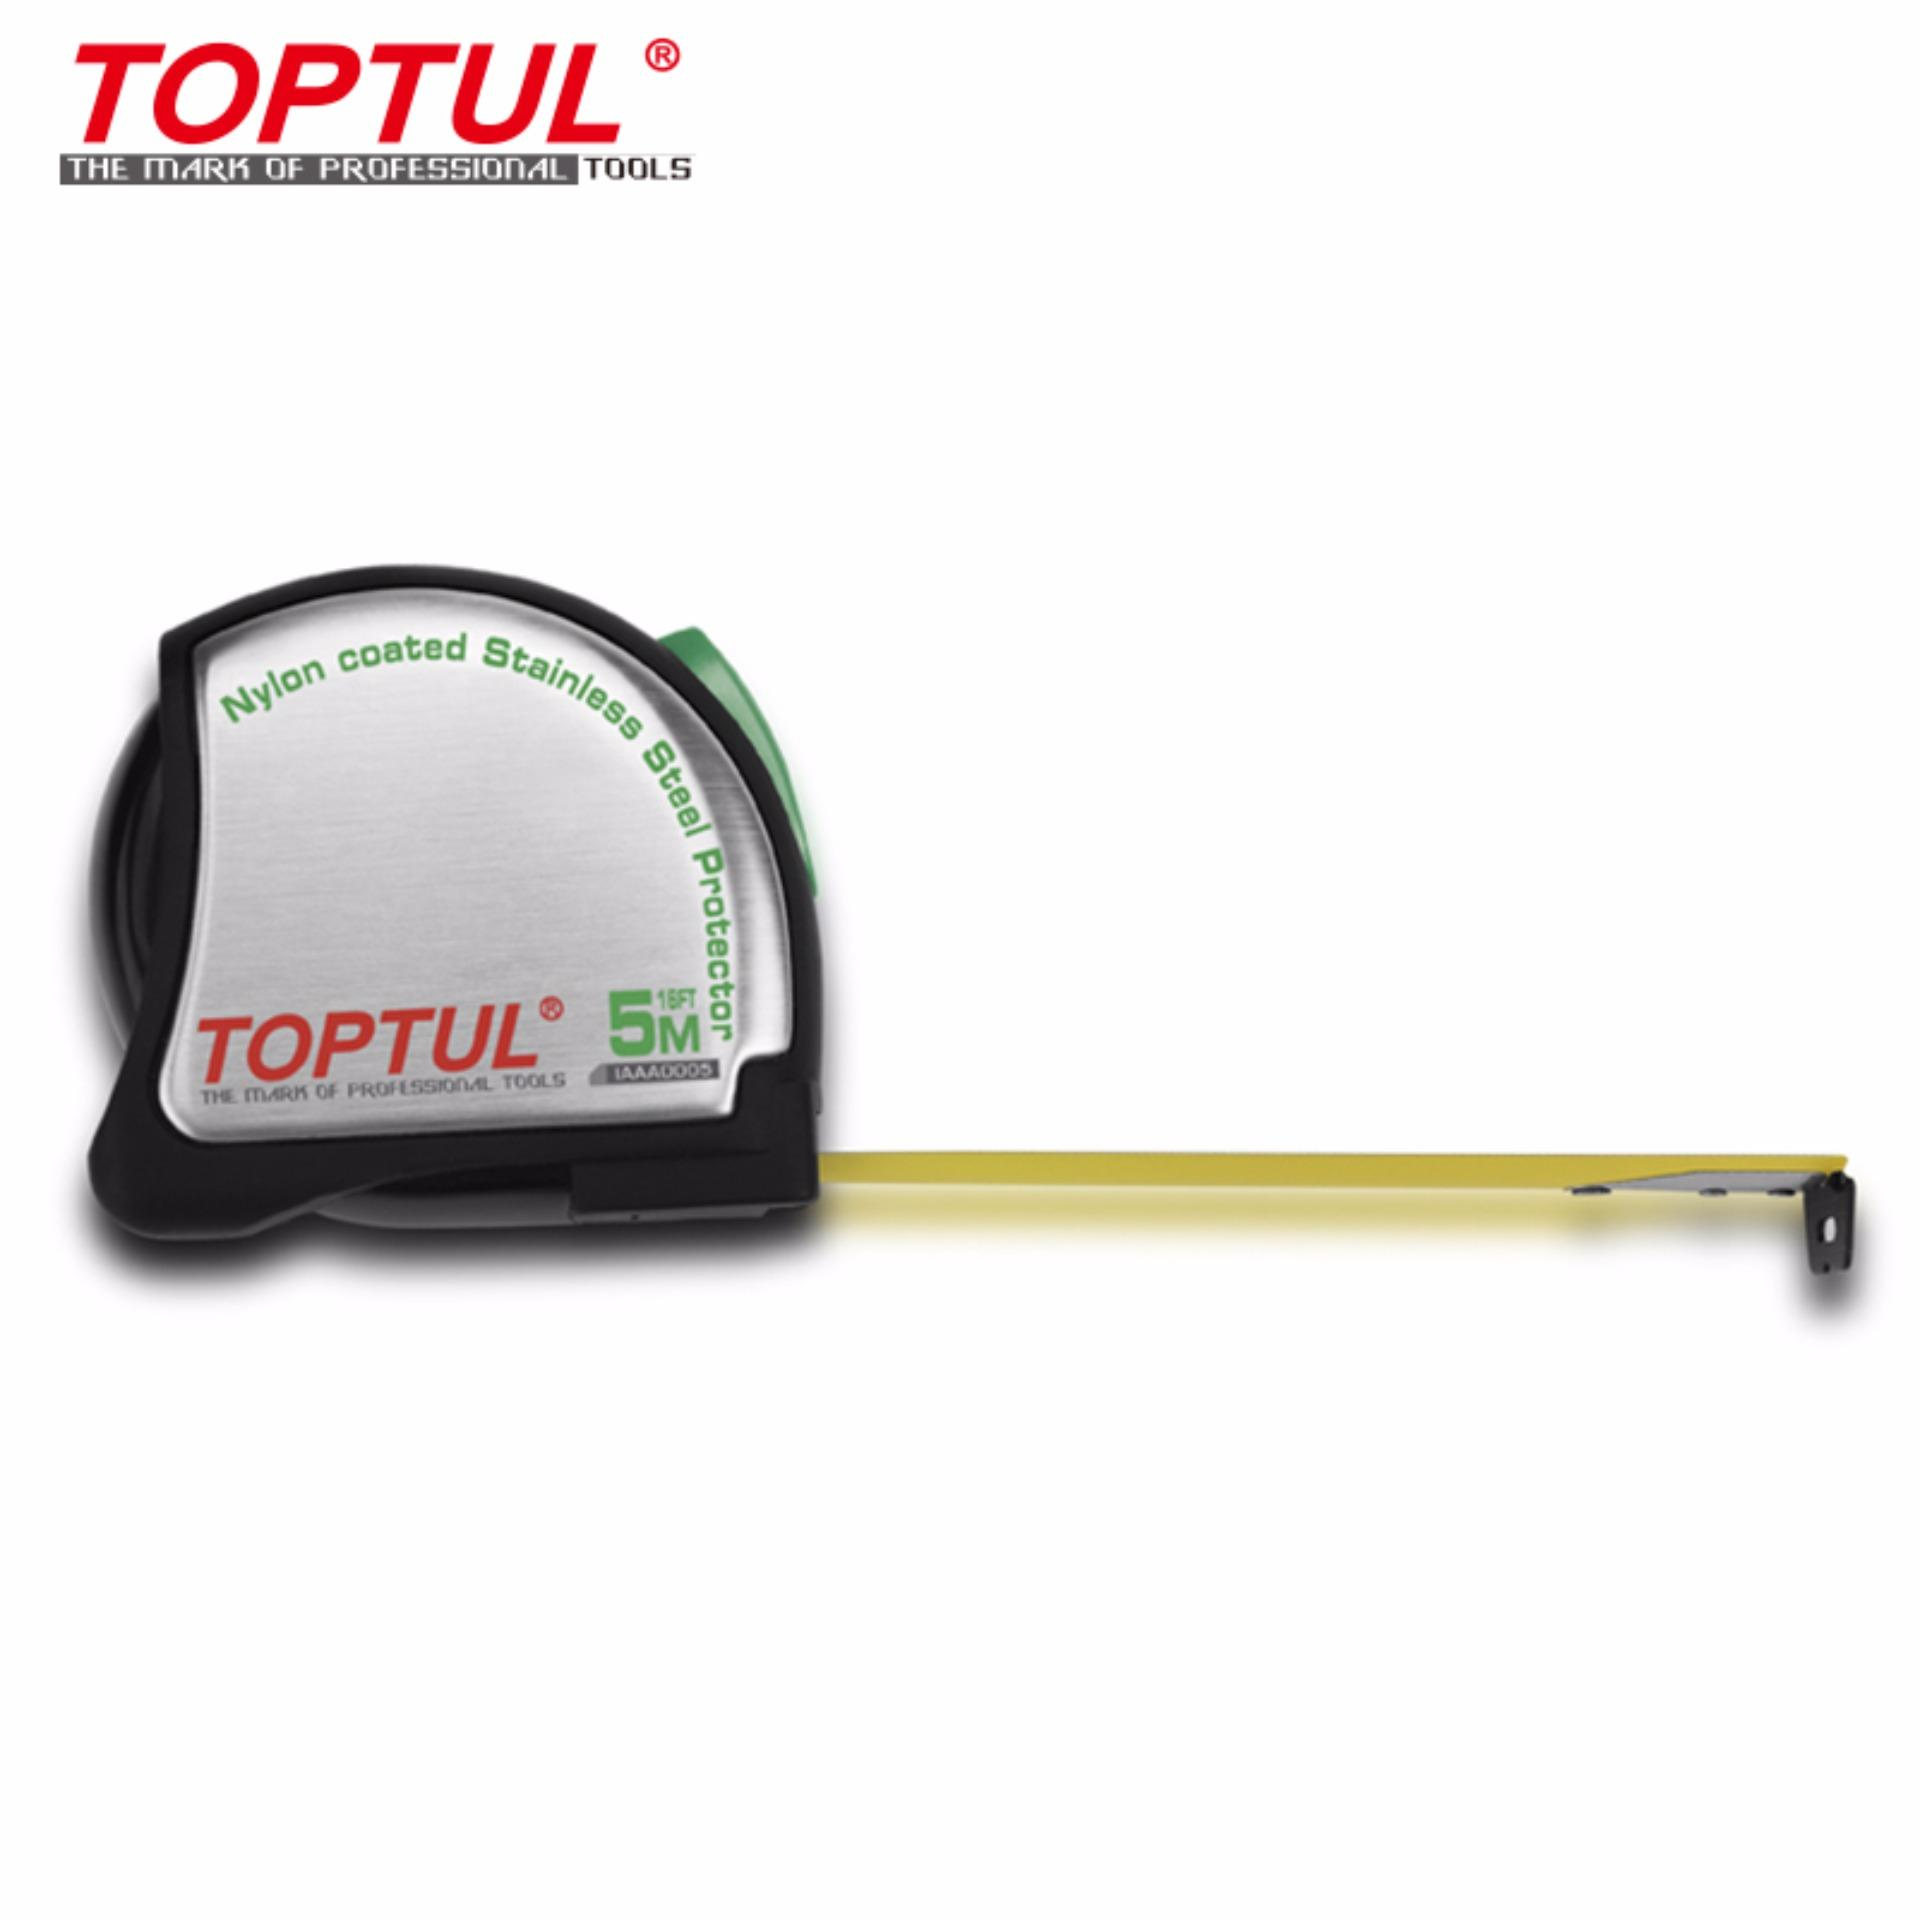 Toptul Measuring Tape 3M/10ft x 19mm(3/4